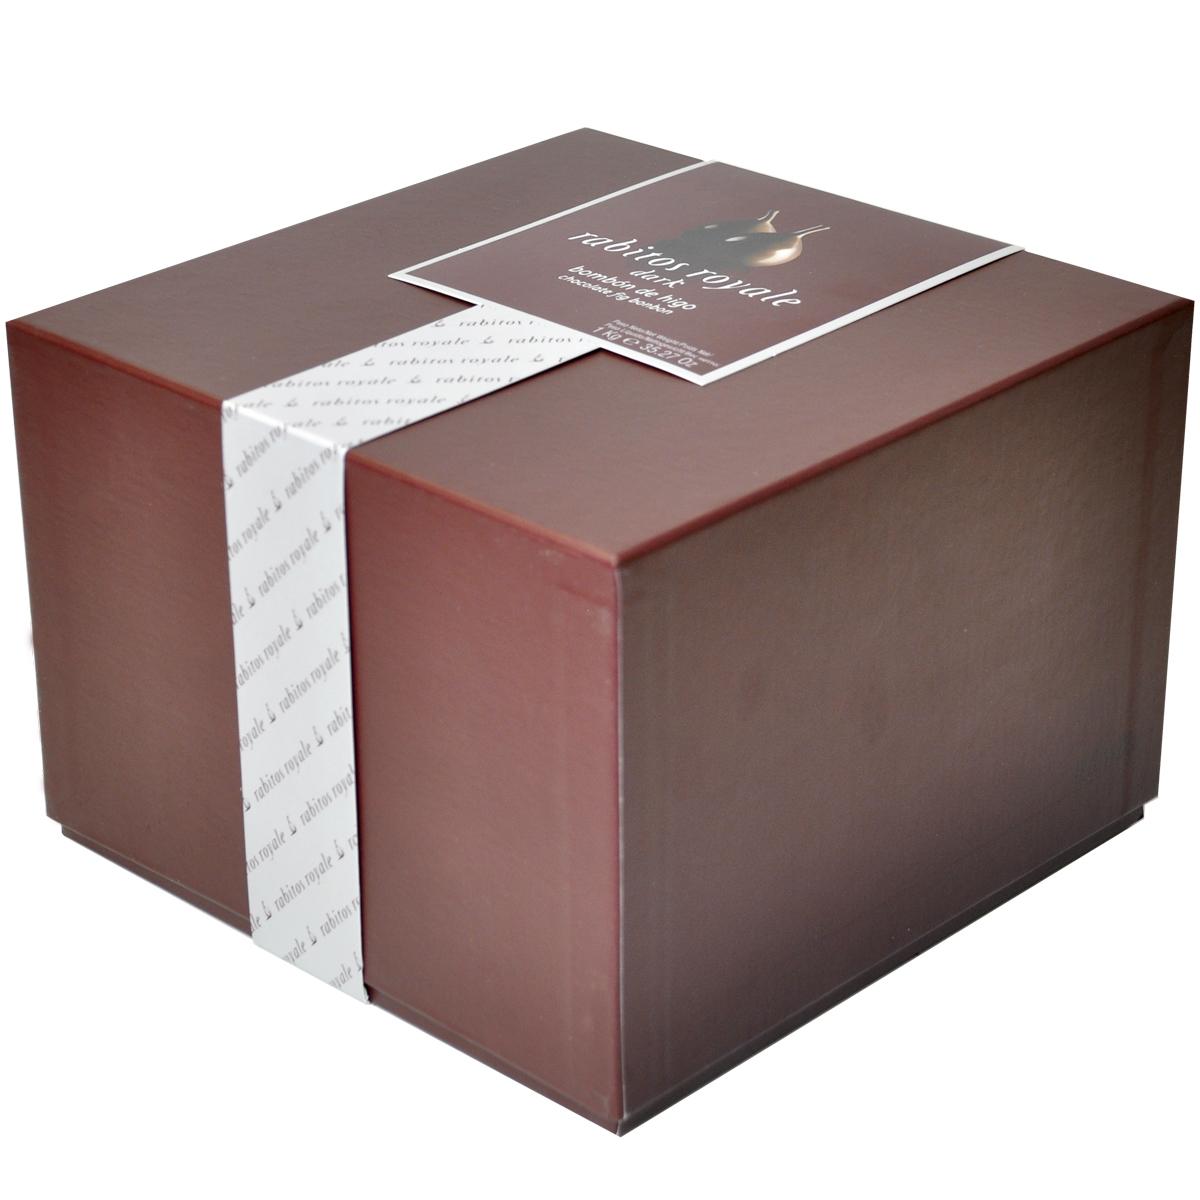 Конфеты Инжир в тёмном шоколаде с трюфельным кремом и бренди Rabitos 1 кг 58 конфет